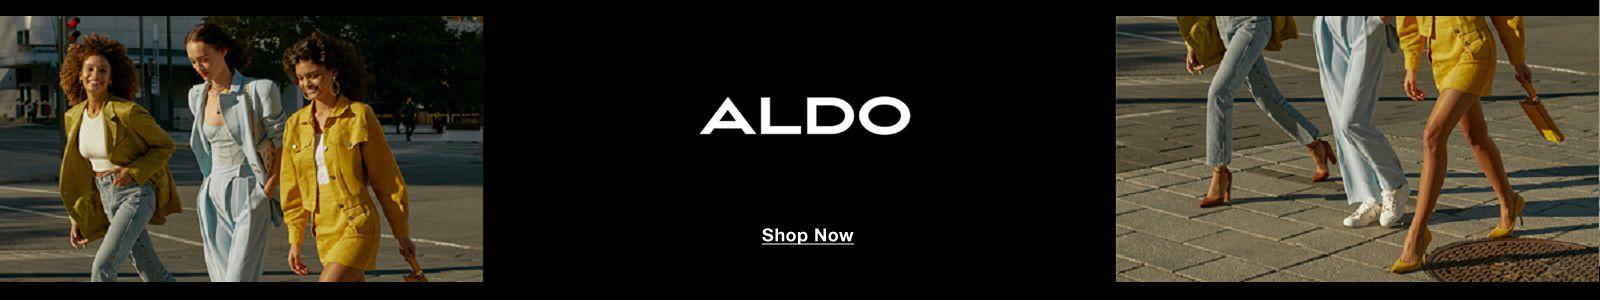 Aldo, Shop Now